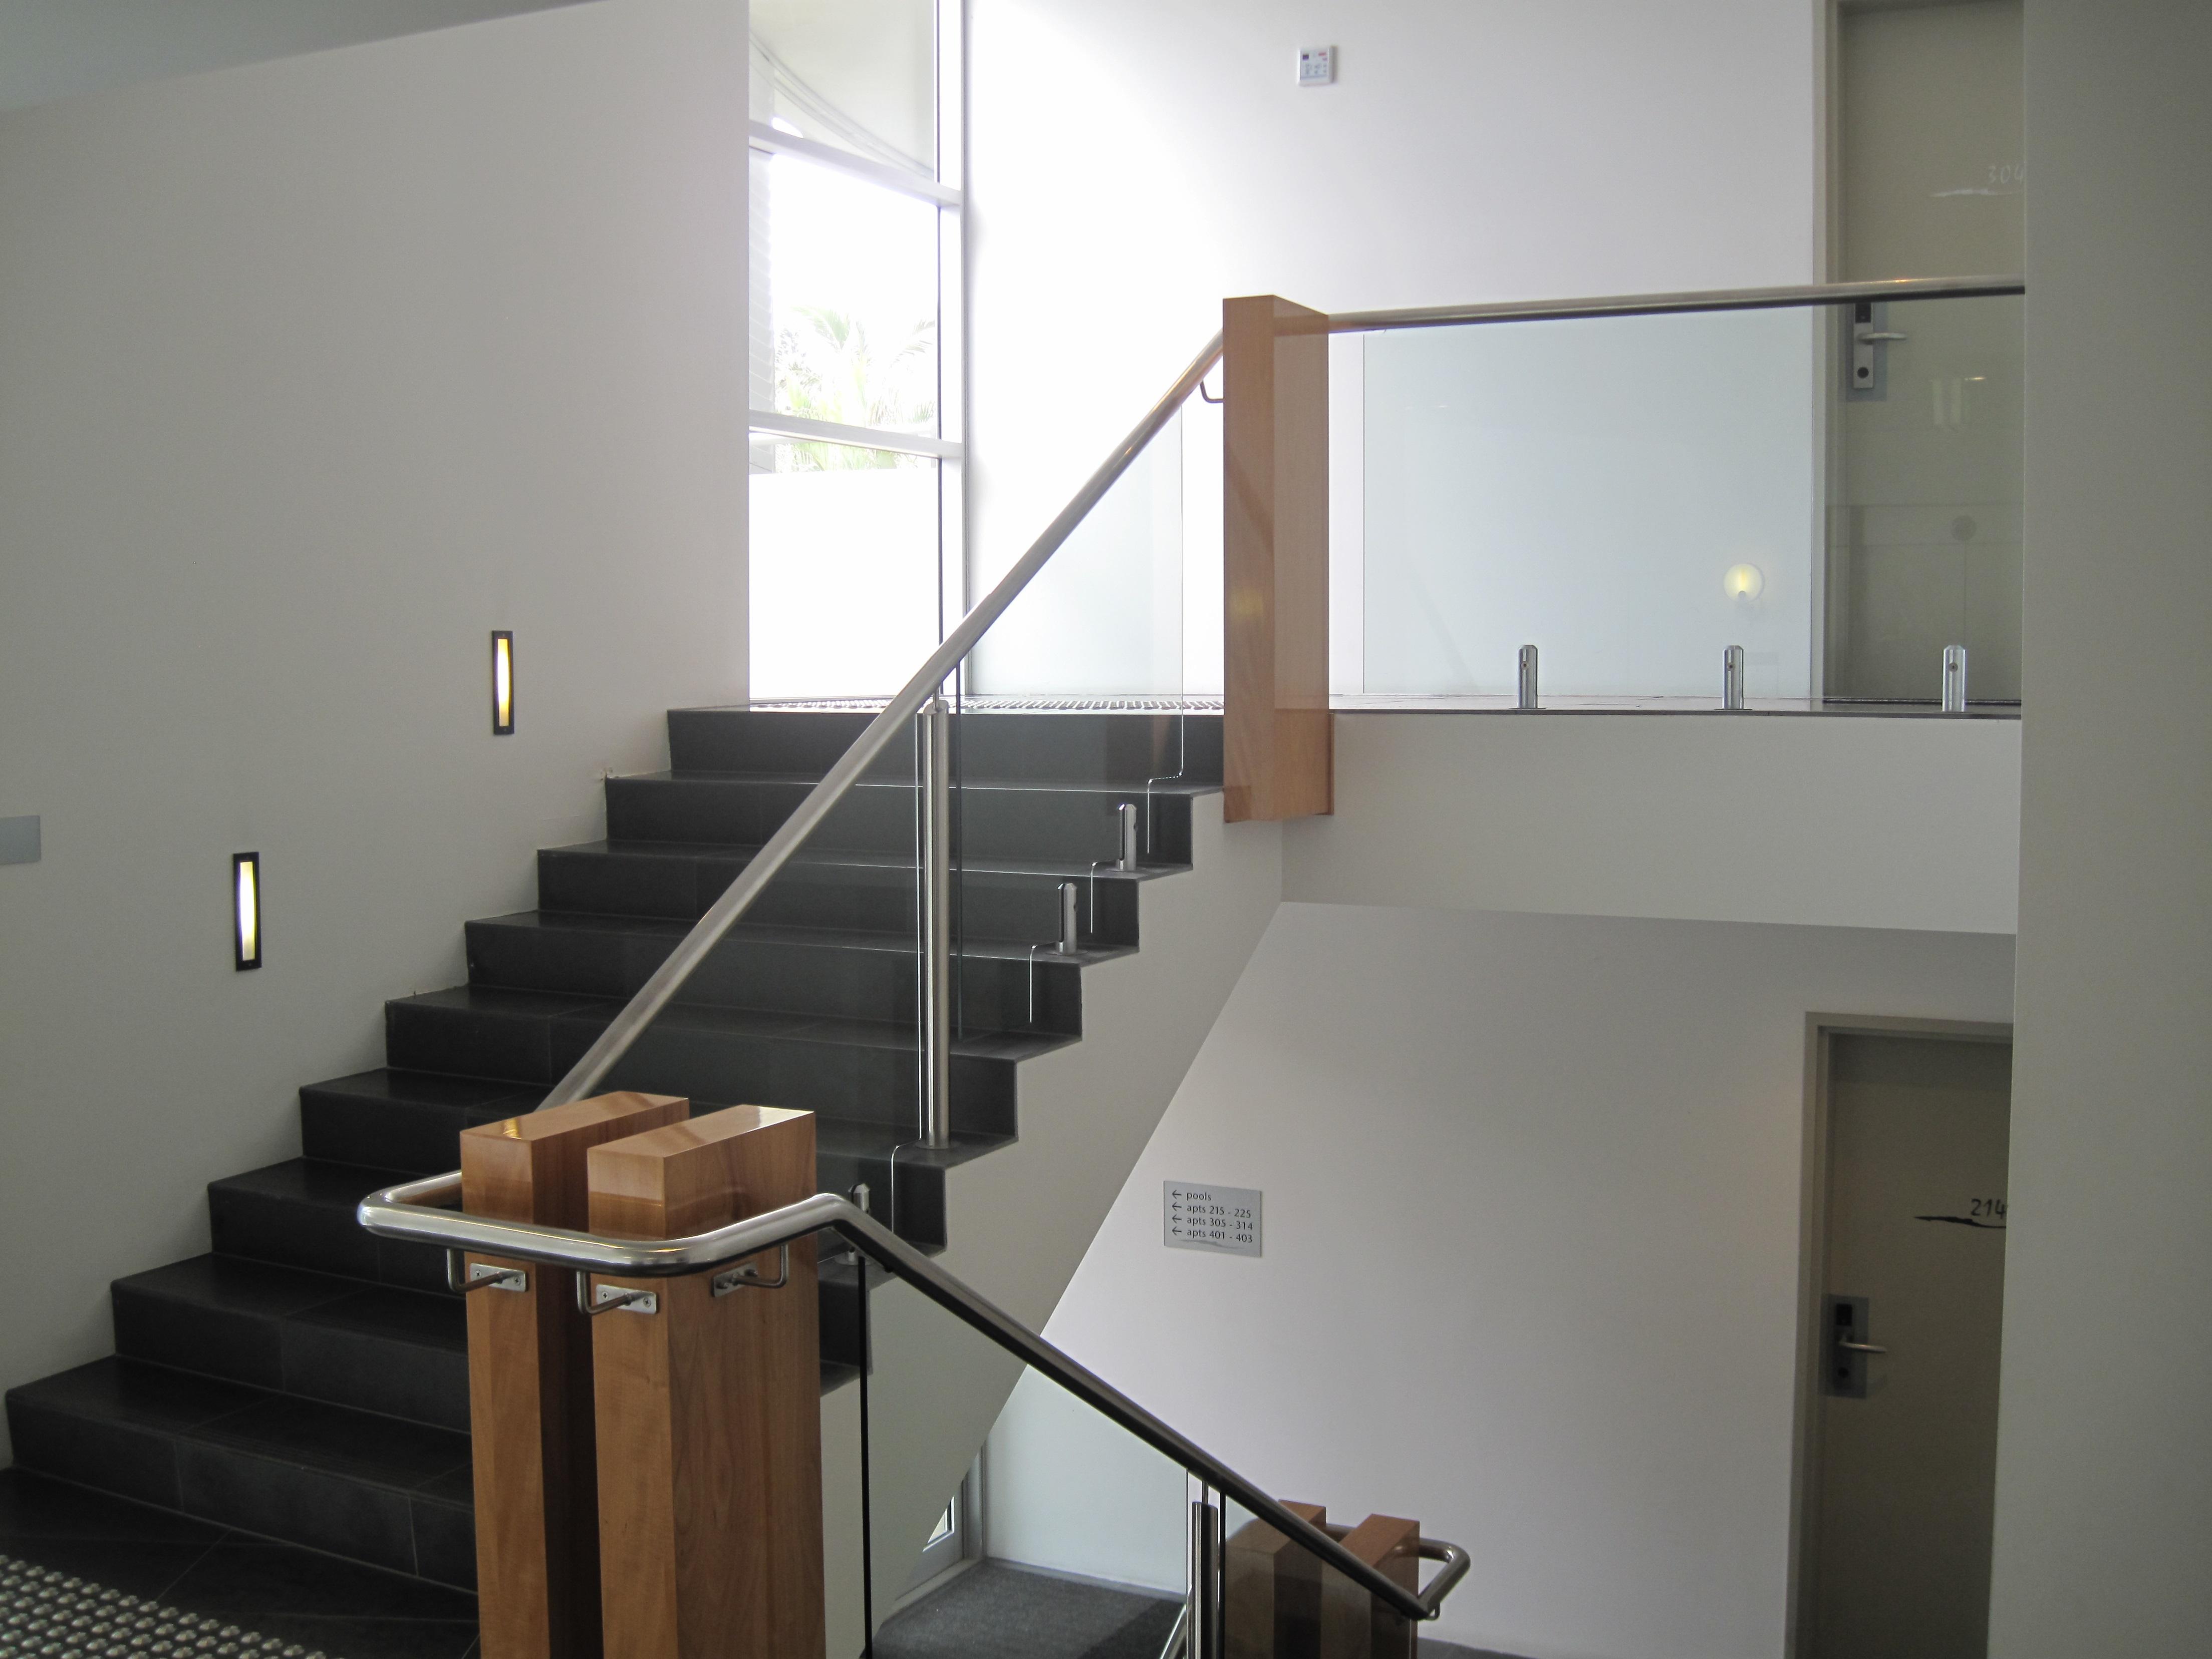 glass balustrades and frameless glass balustrades in. Black Bedroom Furniture Sets. Home Design Ideas